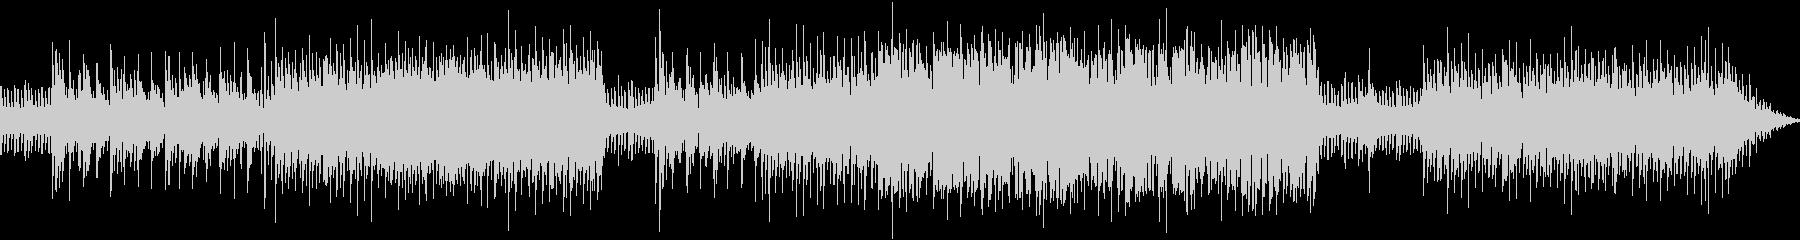 スローフォックス。の未再生の波形